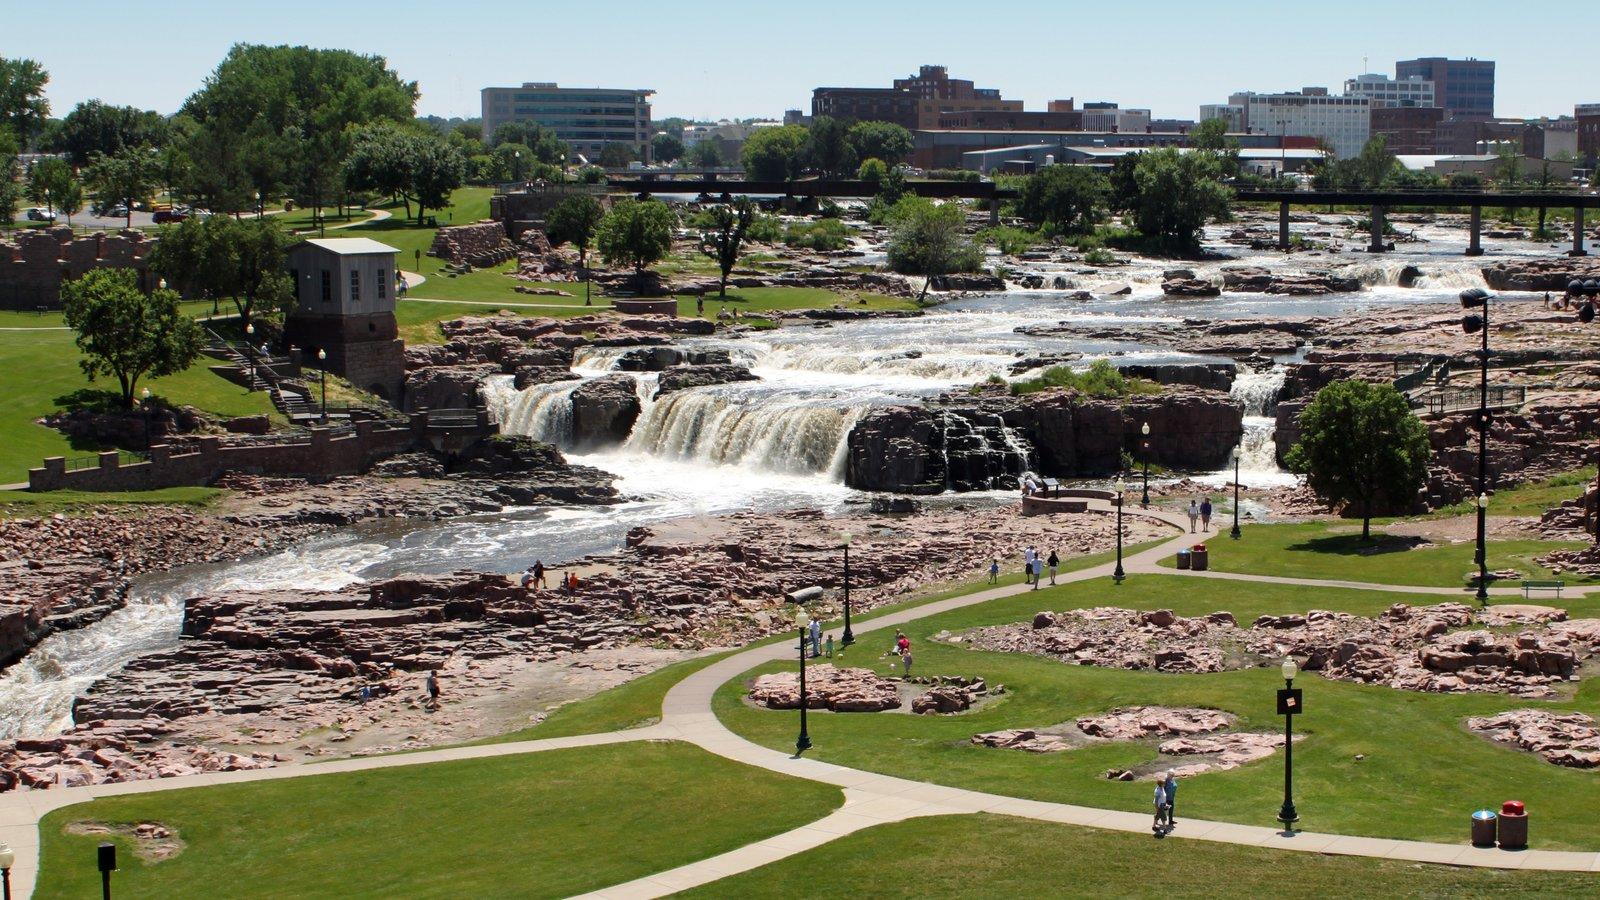 Sioux Falls caracterizando um jardim e uma cachoeira